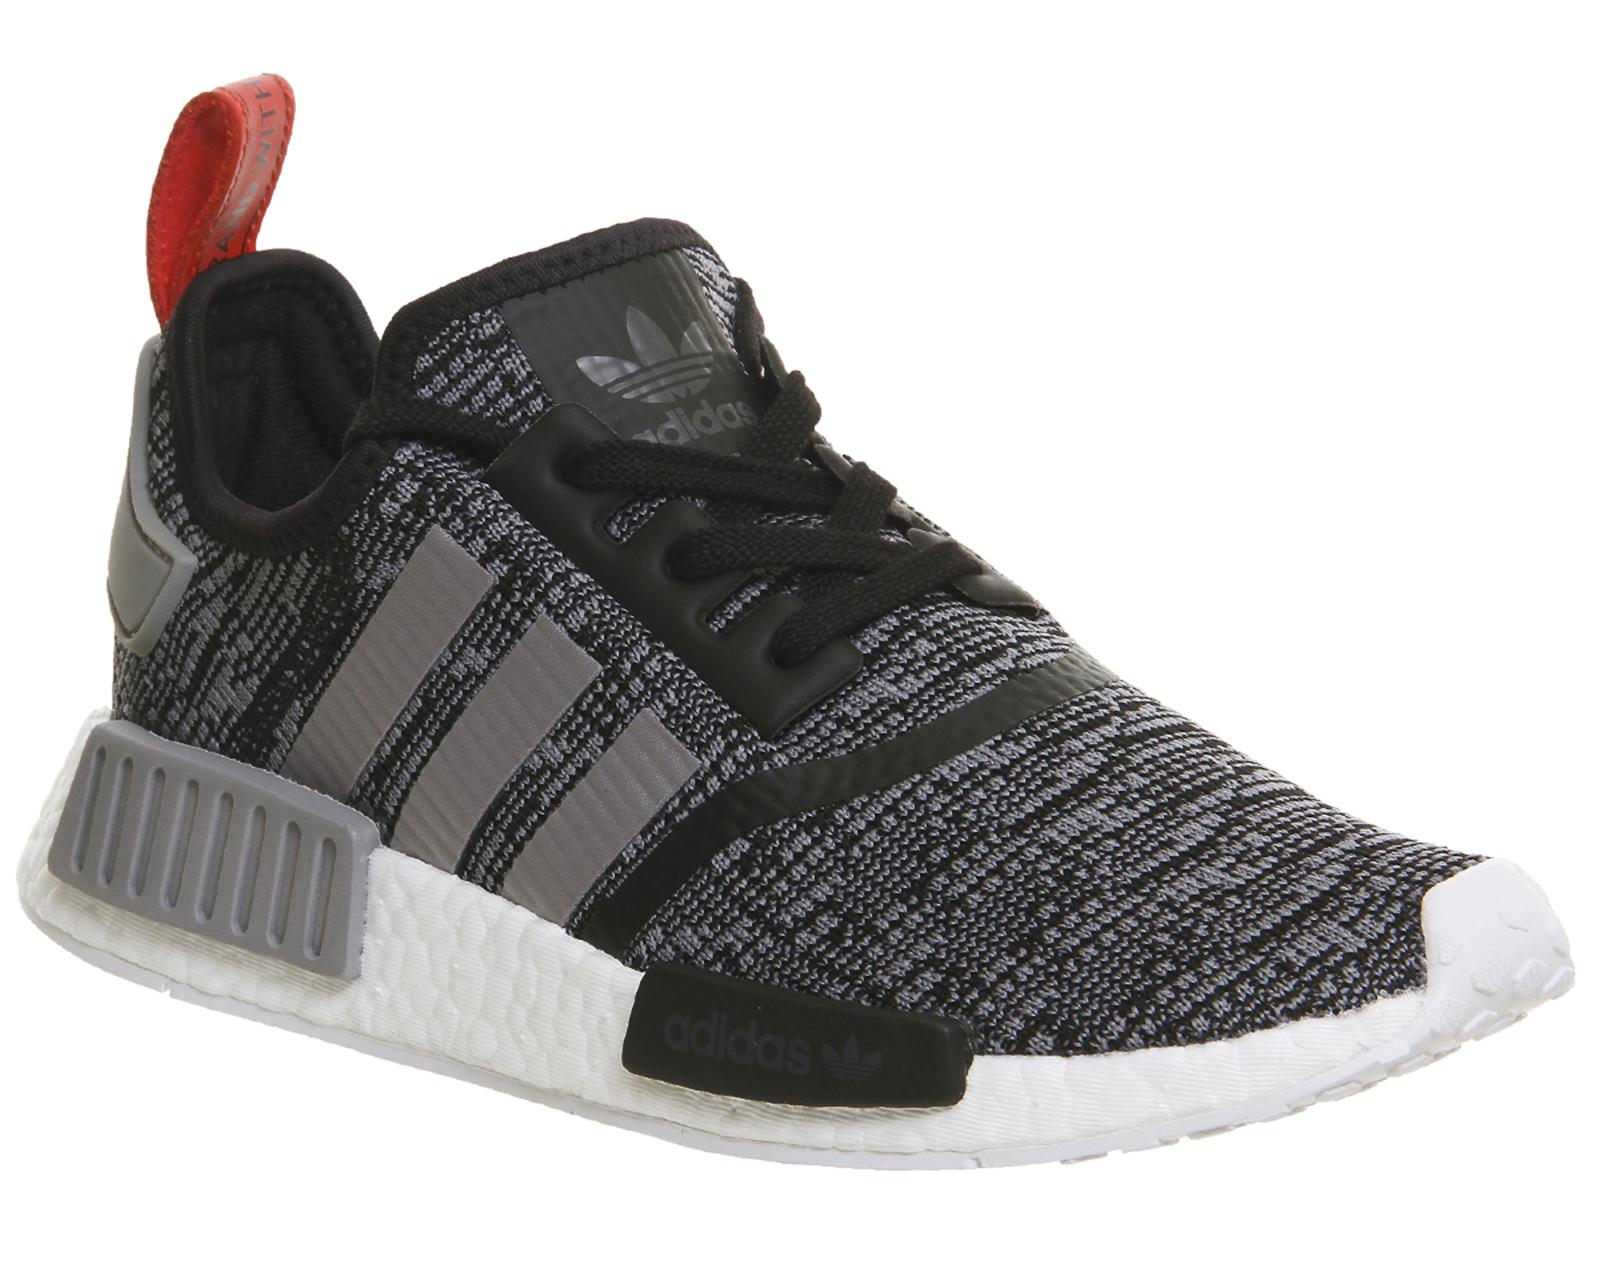 Adidas NMD R1 SCHLICHT SCHWARZ GRAU Schuhe für 99,21€ statt 129,95€ [alle Größen] [@Ebay] [@officeshoes]